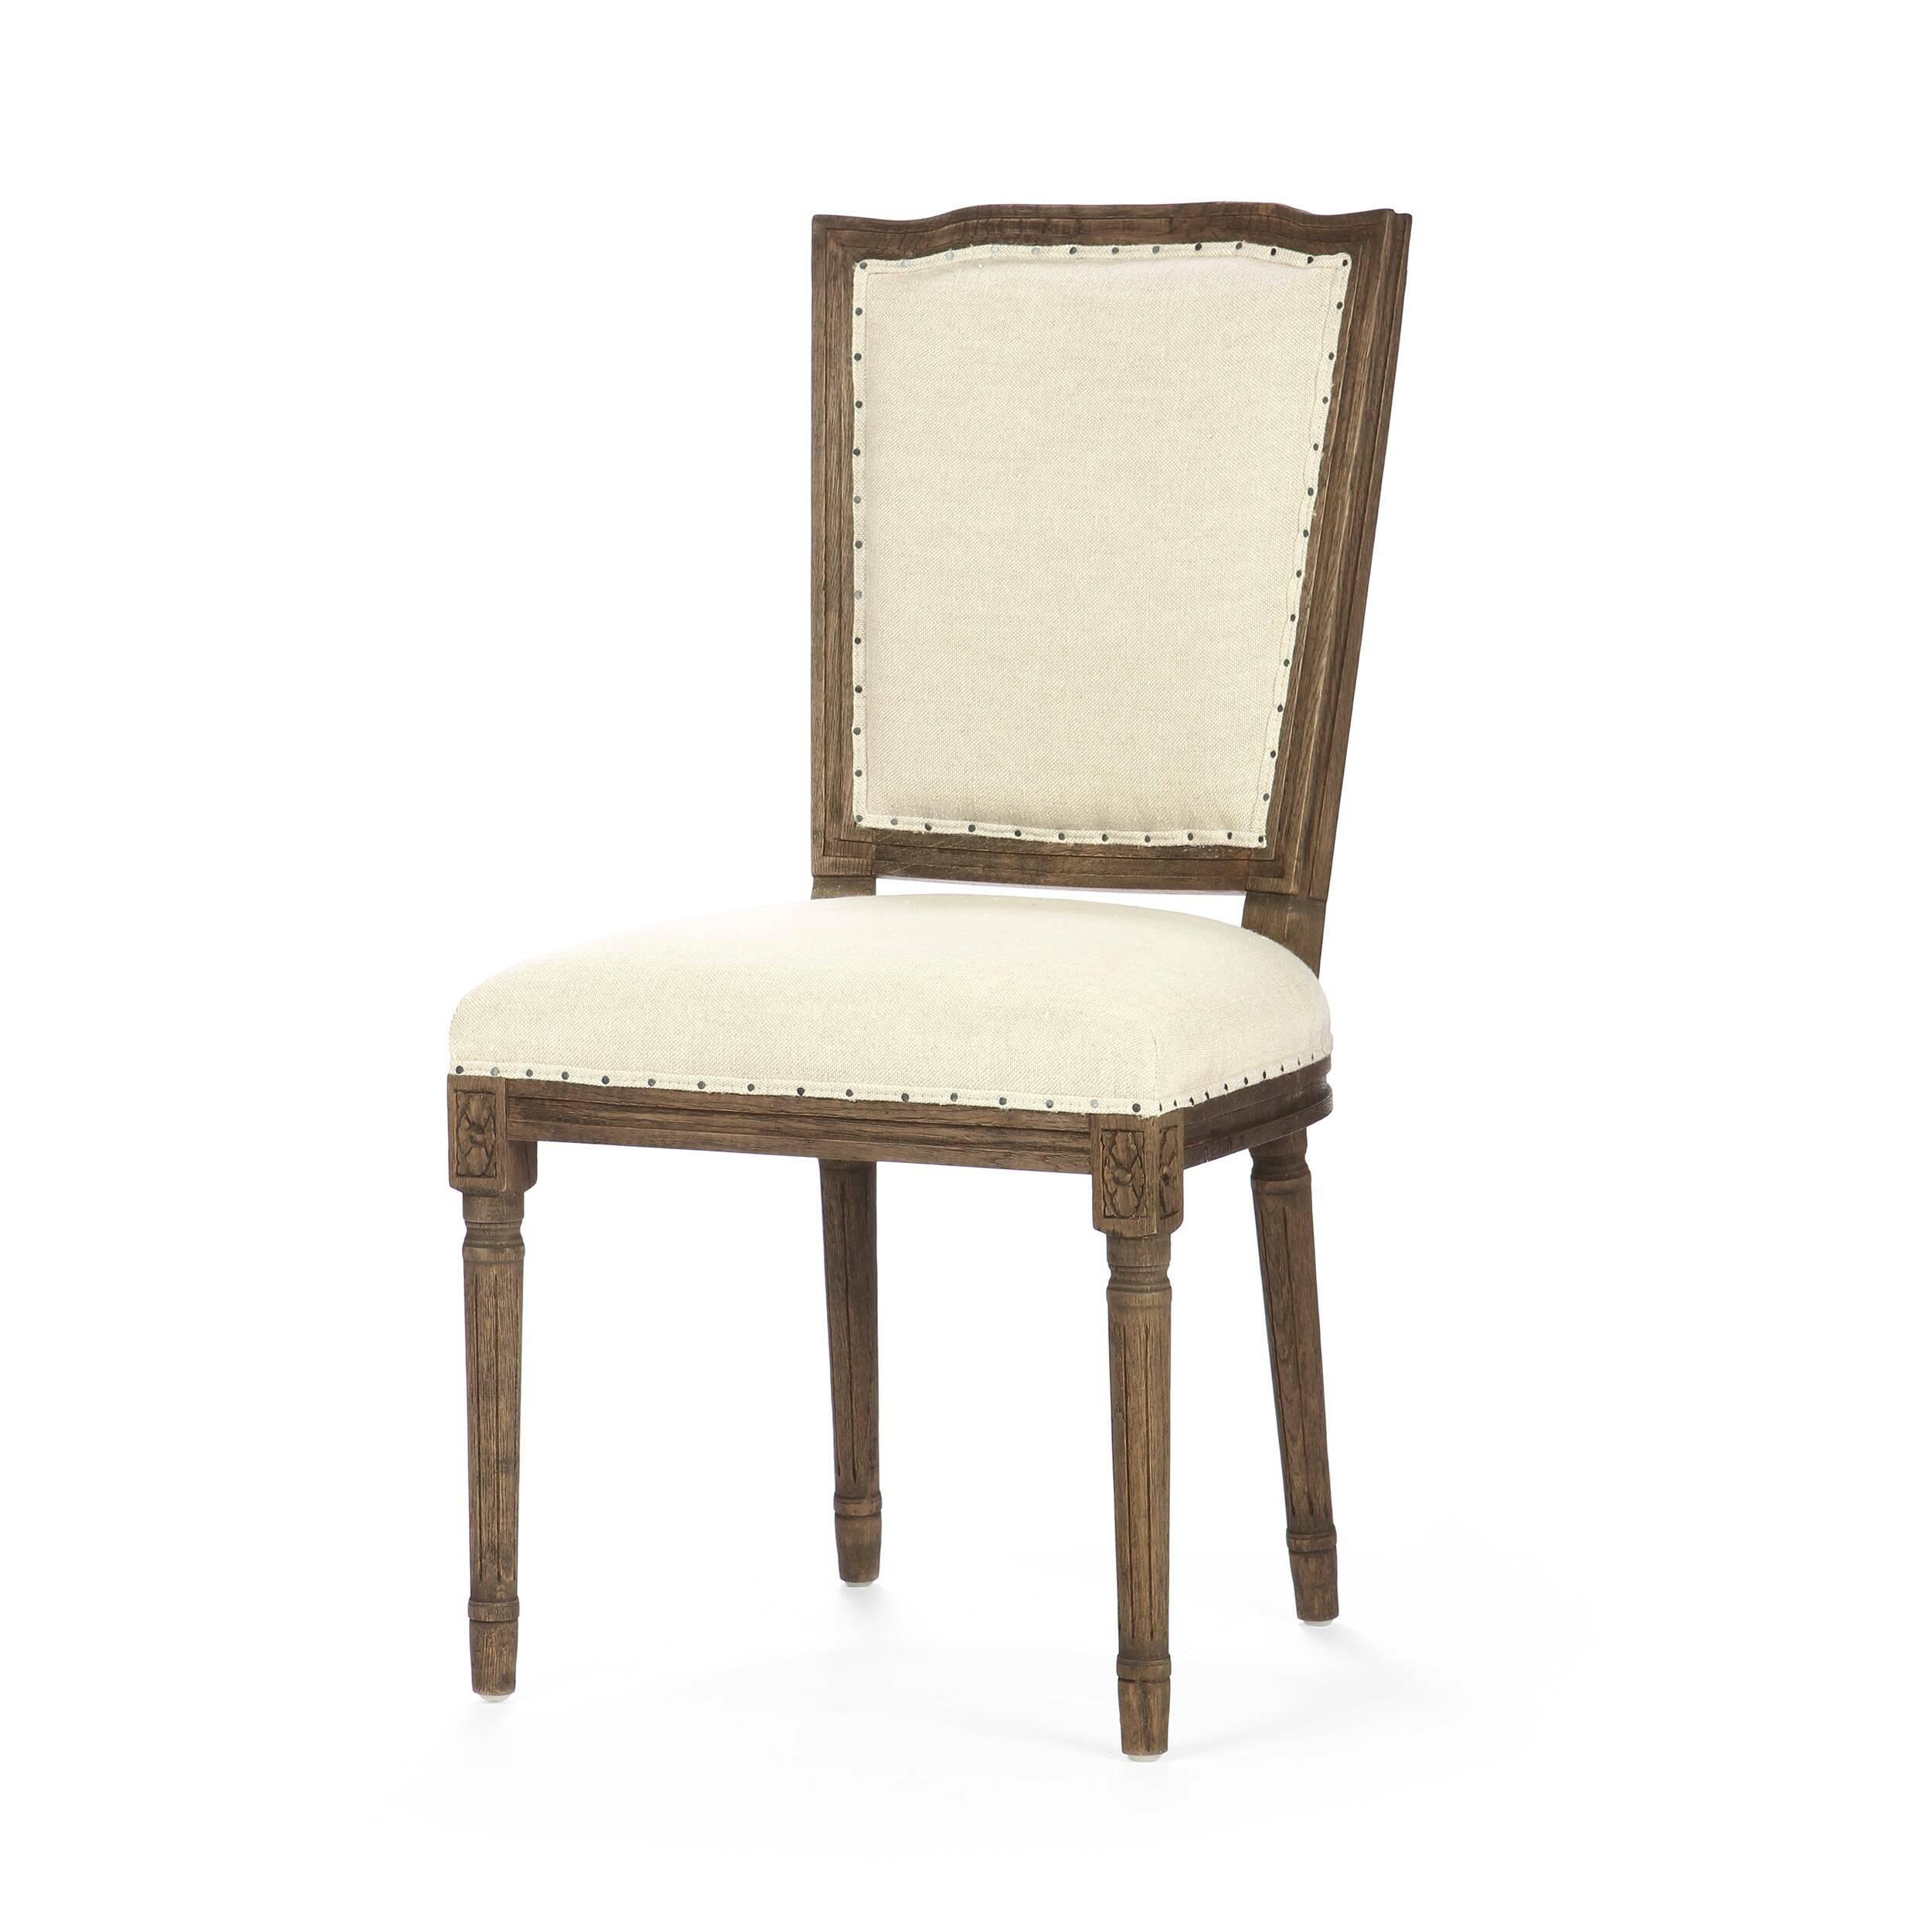 Стул LaurelИнтерьерные<br>Дизайнерский классический обеденный темно-коричневый стул Laurel (Лорел) с высокой спинкой от Cosmo (Космо).<br>Стул Laurel — классическая модель обеденного стула, которая идеально сочетается с различными благородными интерьерами в викторианском, античном и даже колониальном стиле. <br> <br> Особая черта данной модели — обработка деревянных элементов. Резные детали покрыты особым защитным составом, предохраняющим от износа, который также в свою очередь стилизует изделие под антиквариат. «Состаренны...<br><br>stock: 18<br>Высота: 100<br>Высота сиденья: 51<br>Ширина: 50<br>Глубина: 56<br>Наполнитель: Пена<br>Материал каркаса: Массив дуба<br>Тип материала каркаса: Дерево<br>Материал сидения: Лен<br>Цвет сидения: Бежевый<br>Тип материала сидения: Ткань<br>Цвет каркаса: Темно-коричневый